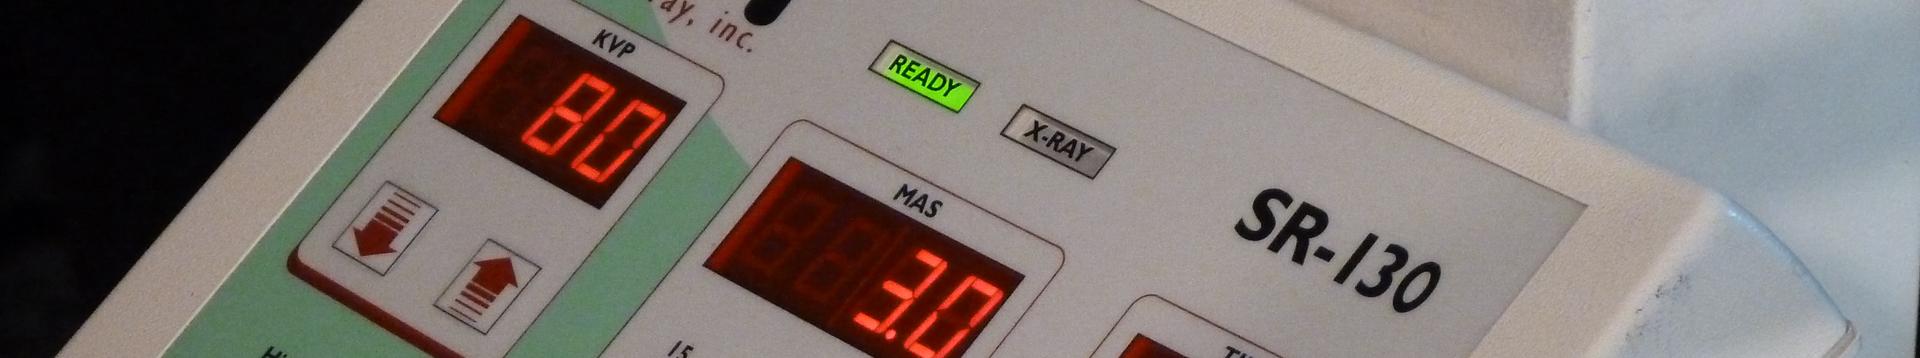 digital-xray